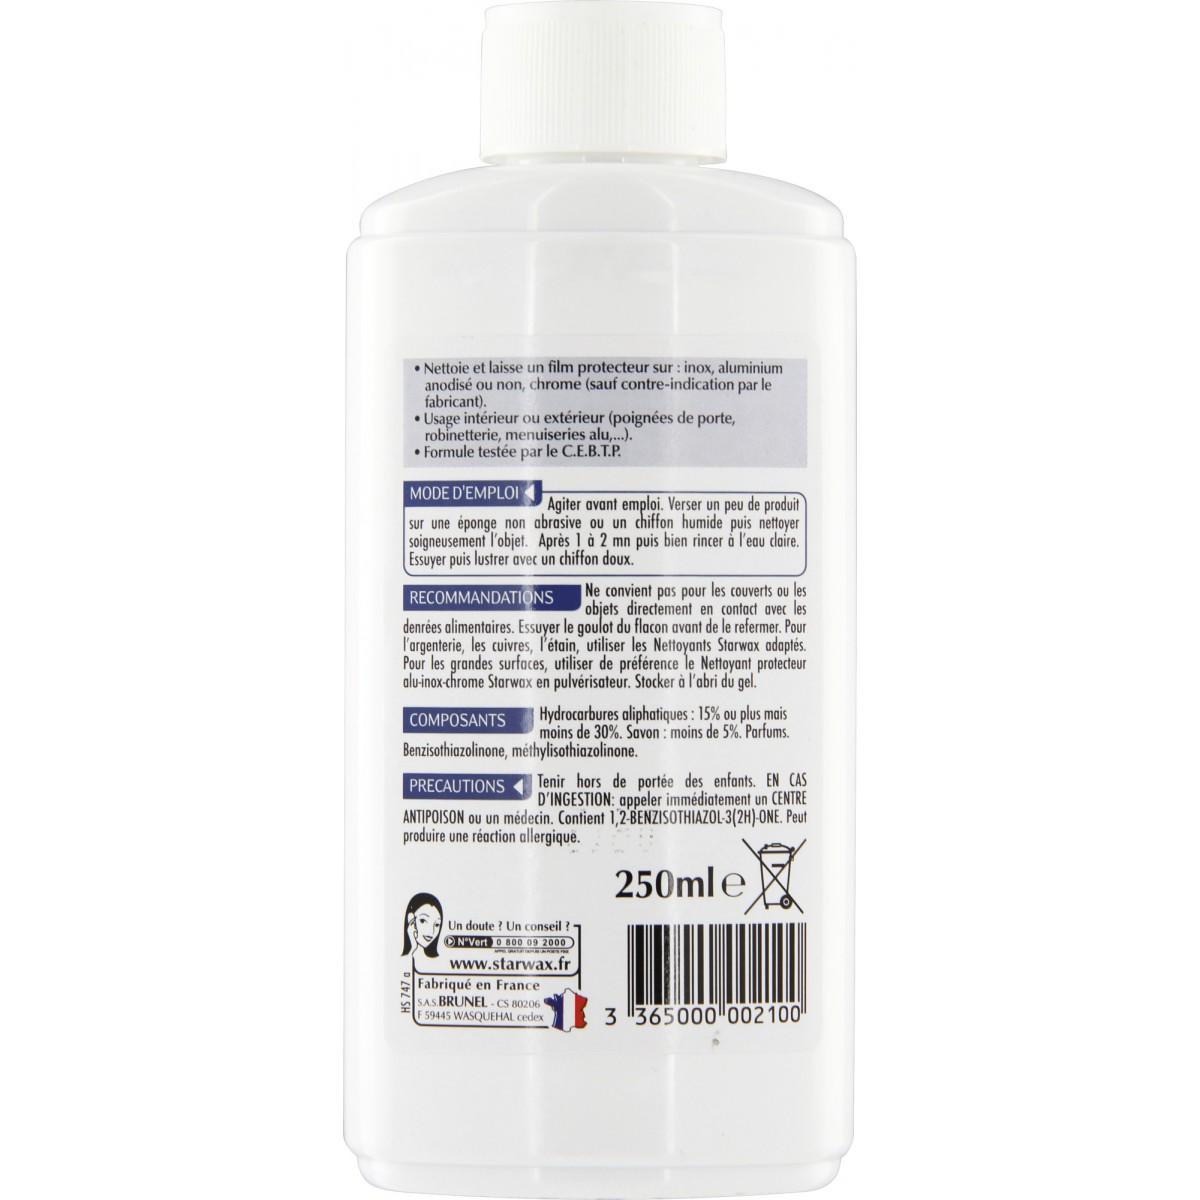 Nettoyant inox, aluminium et chrome Starwax - Flacon 250 ml